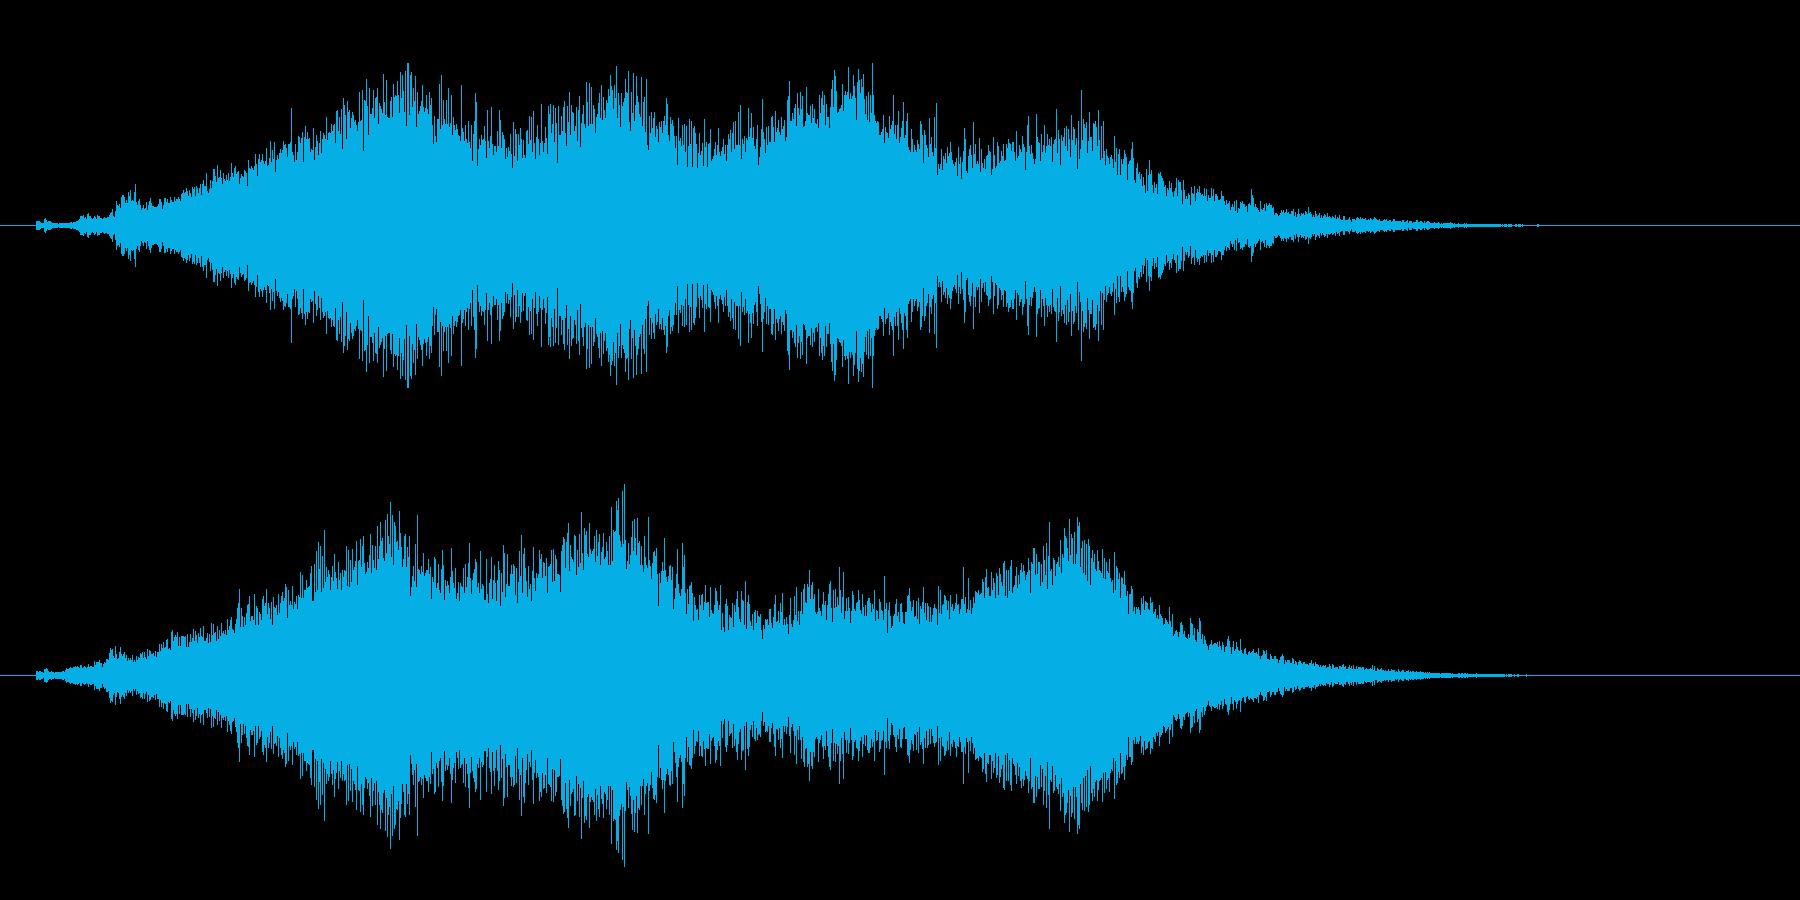 占う3 水晶 ホワ〜ン 診断 不気味の再生済みの波形